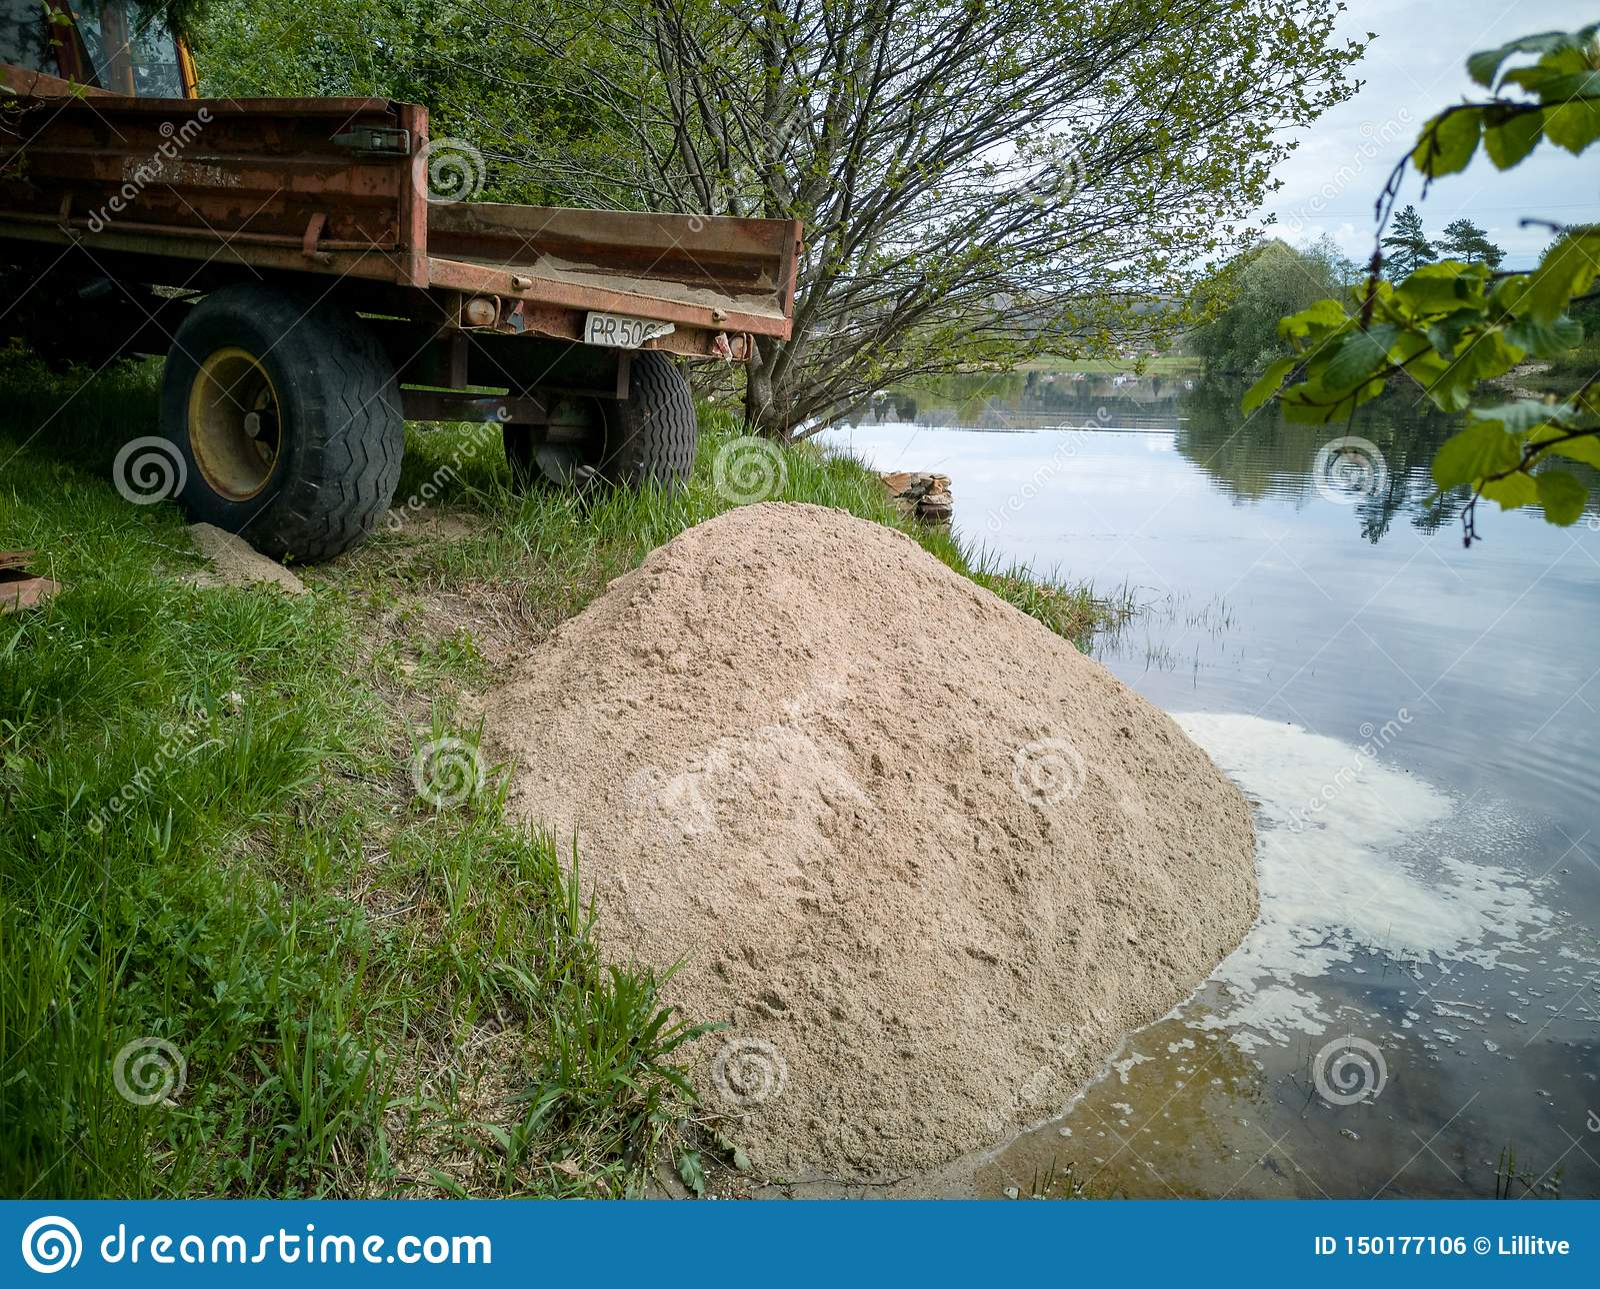 Tractor remolque que inclina una carga de la arena para crear la playa